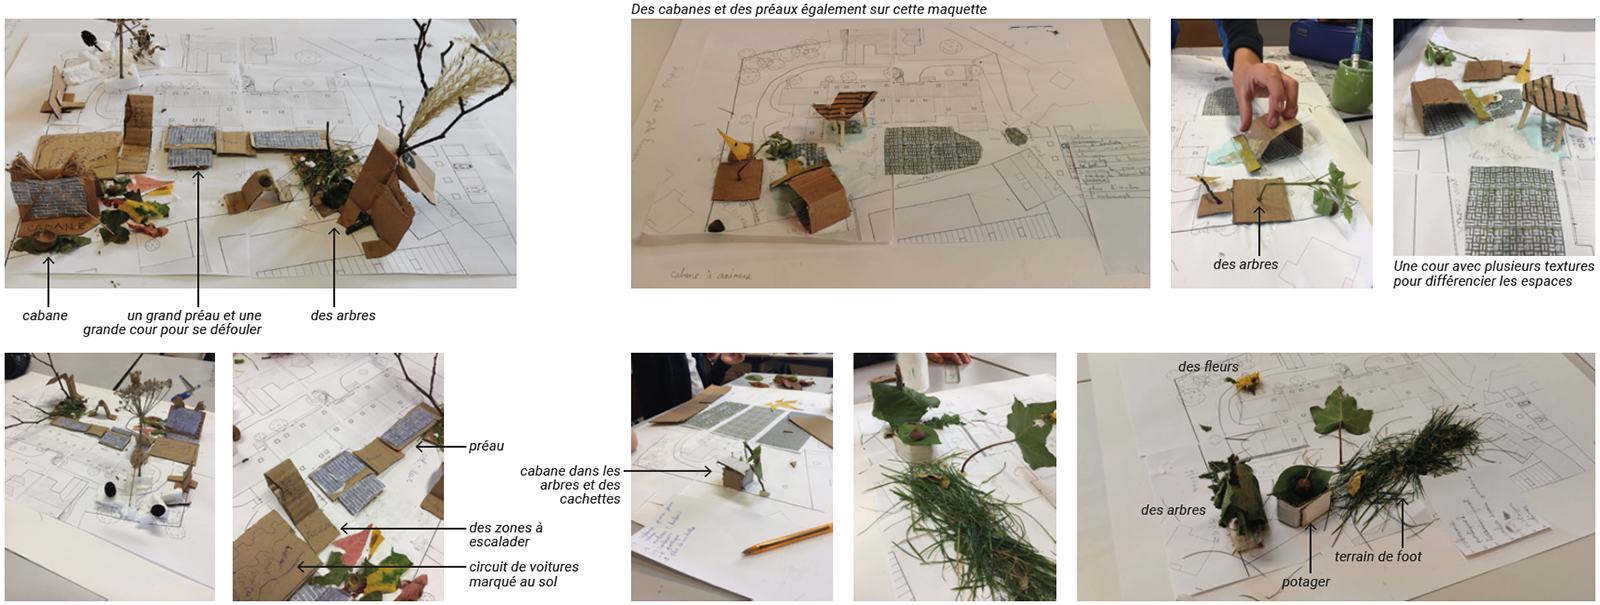 photos atelier co-conception projet paysager cour école avec les enfants école maquette végétale